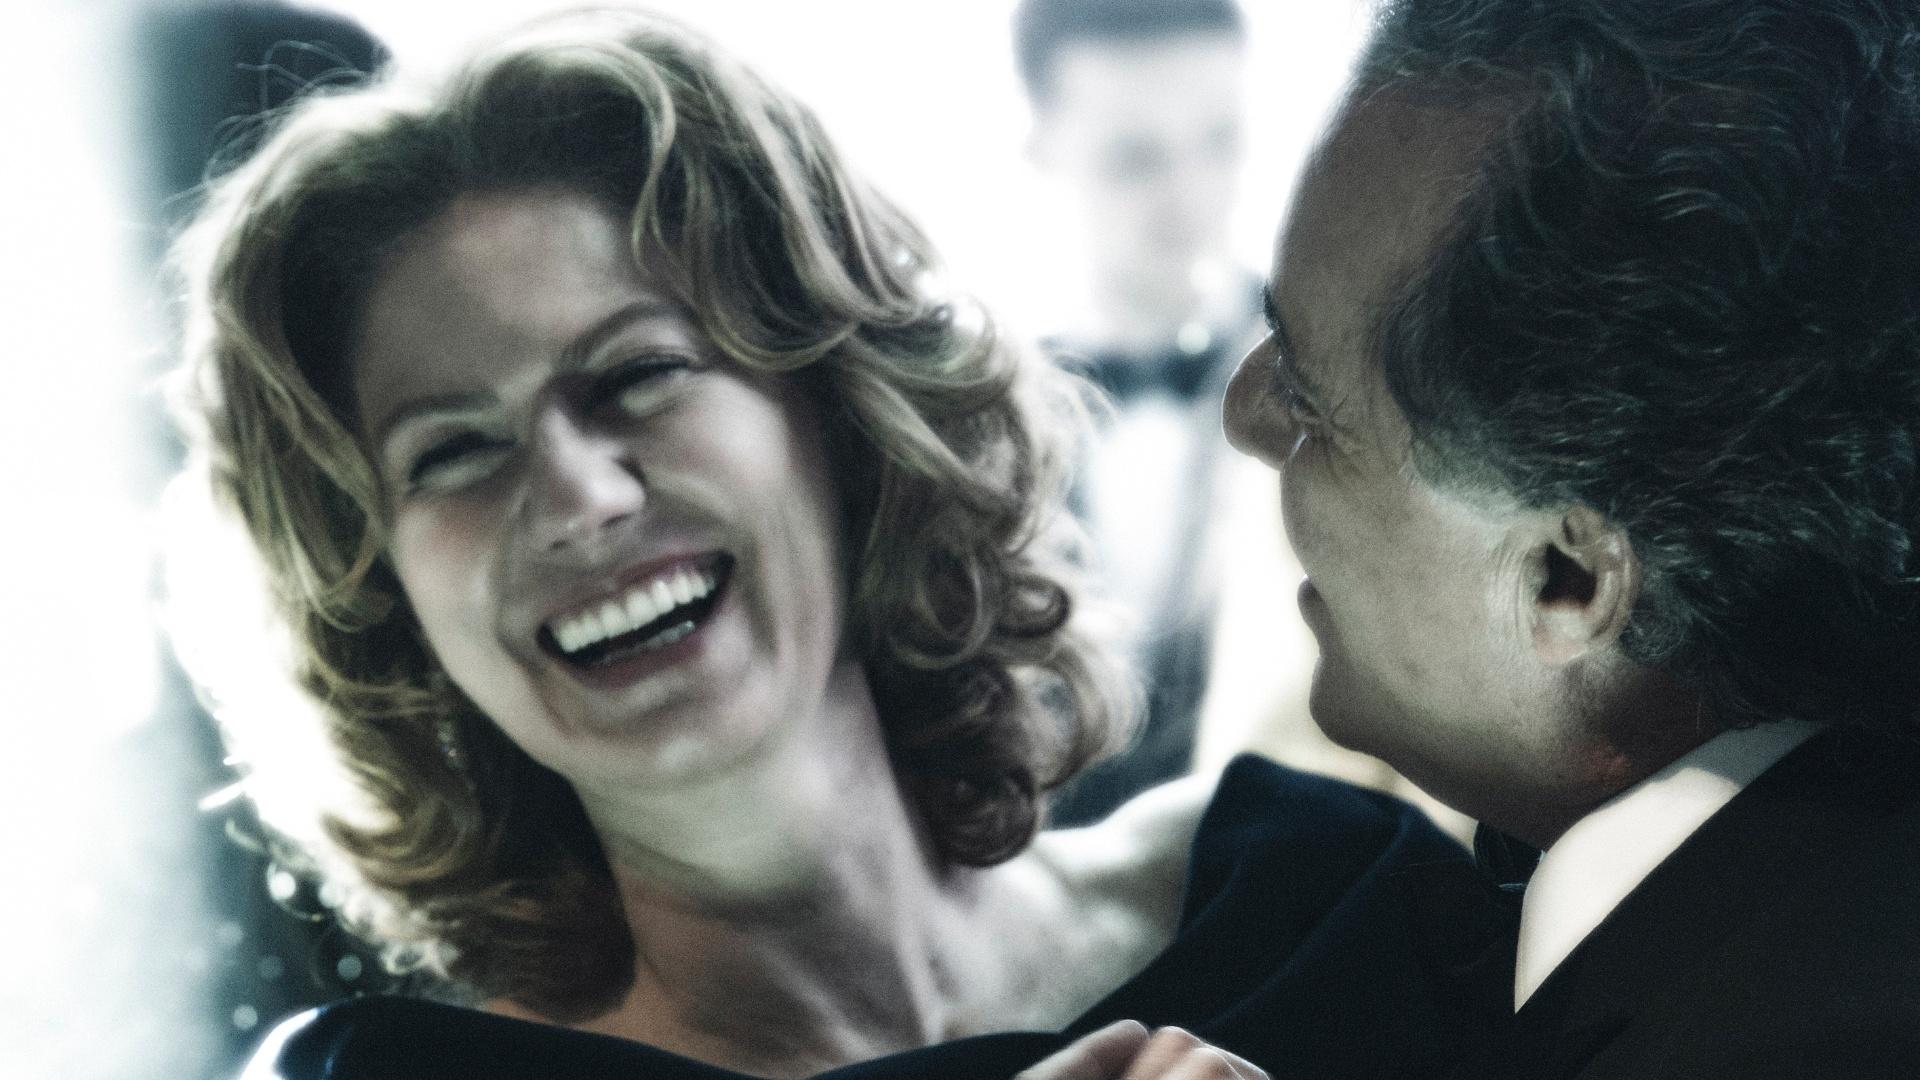 Carlos Braga (Tony Ramos) convida Angela (Patricia Pillar) para dançar em